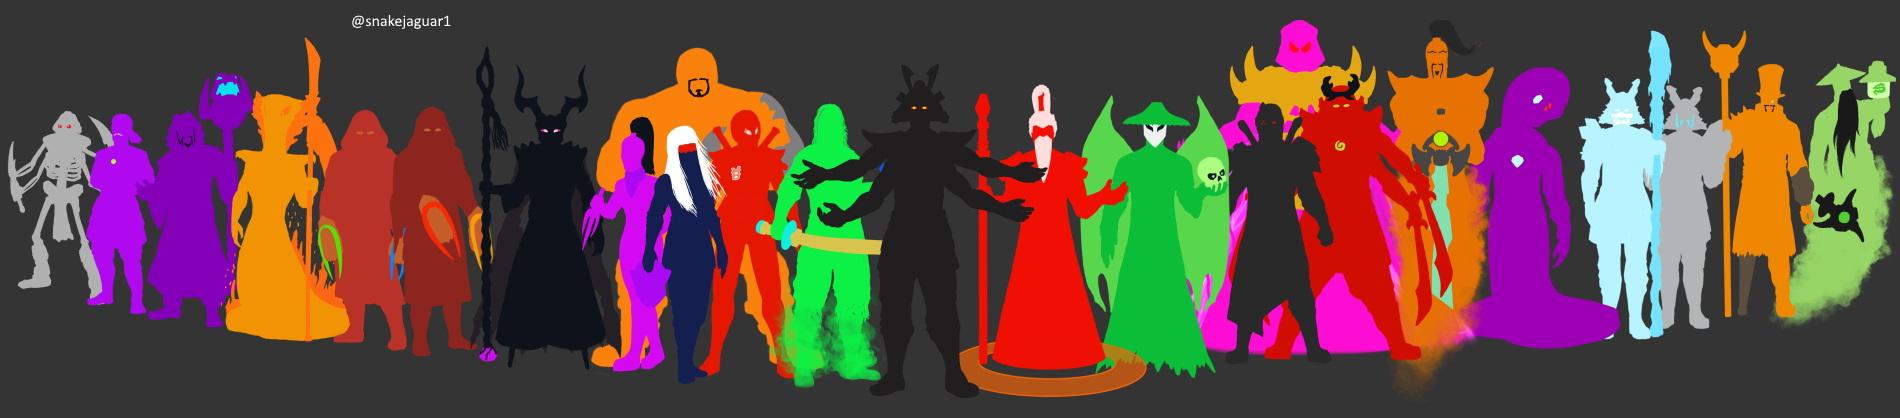 @SnakeJaguar1-villains